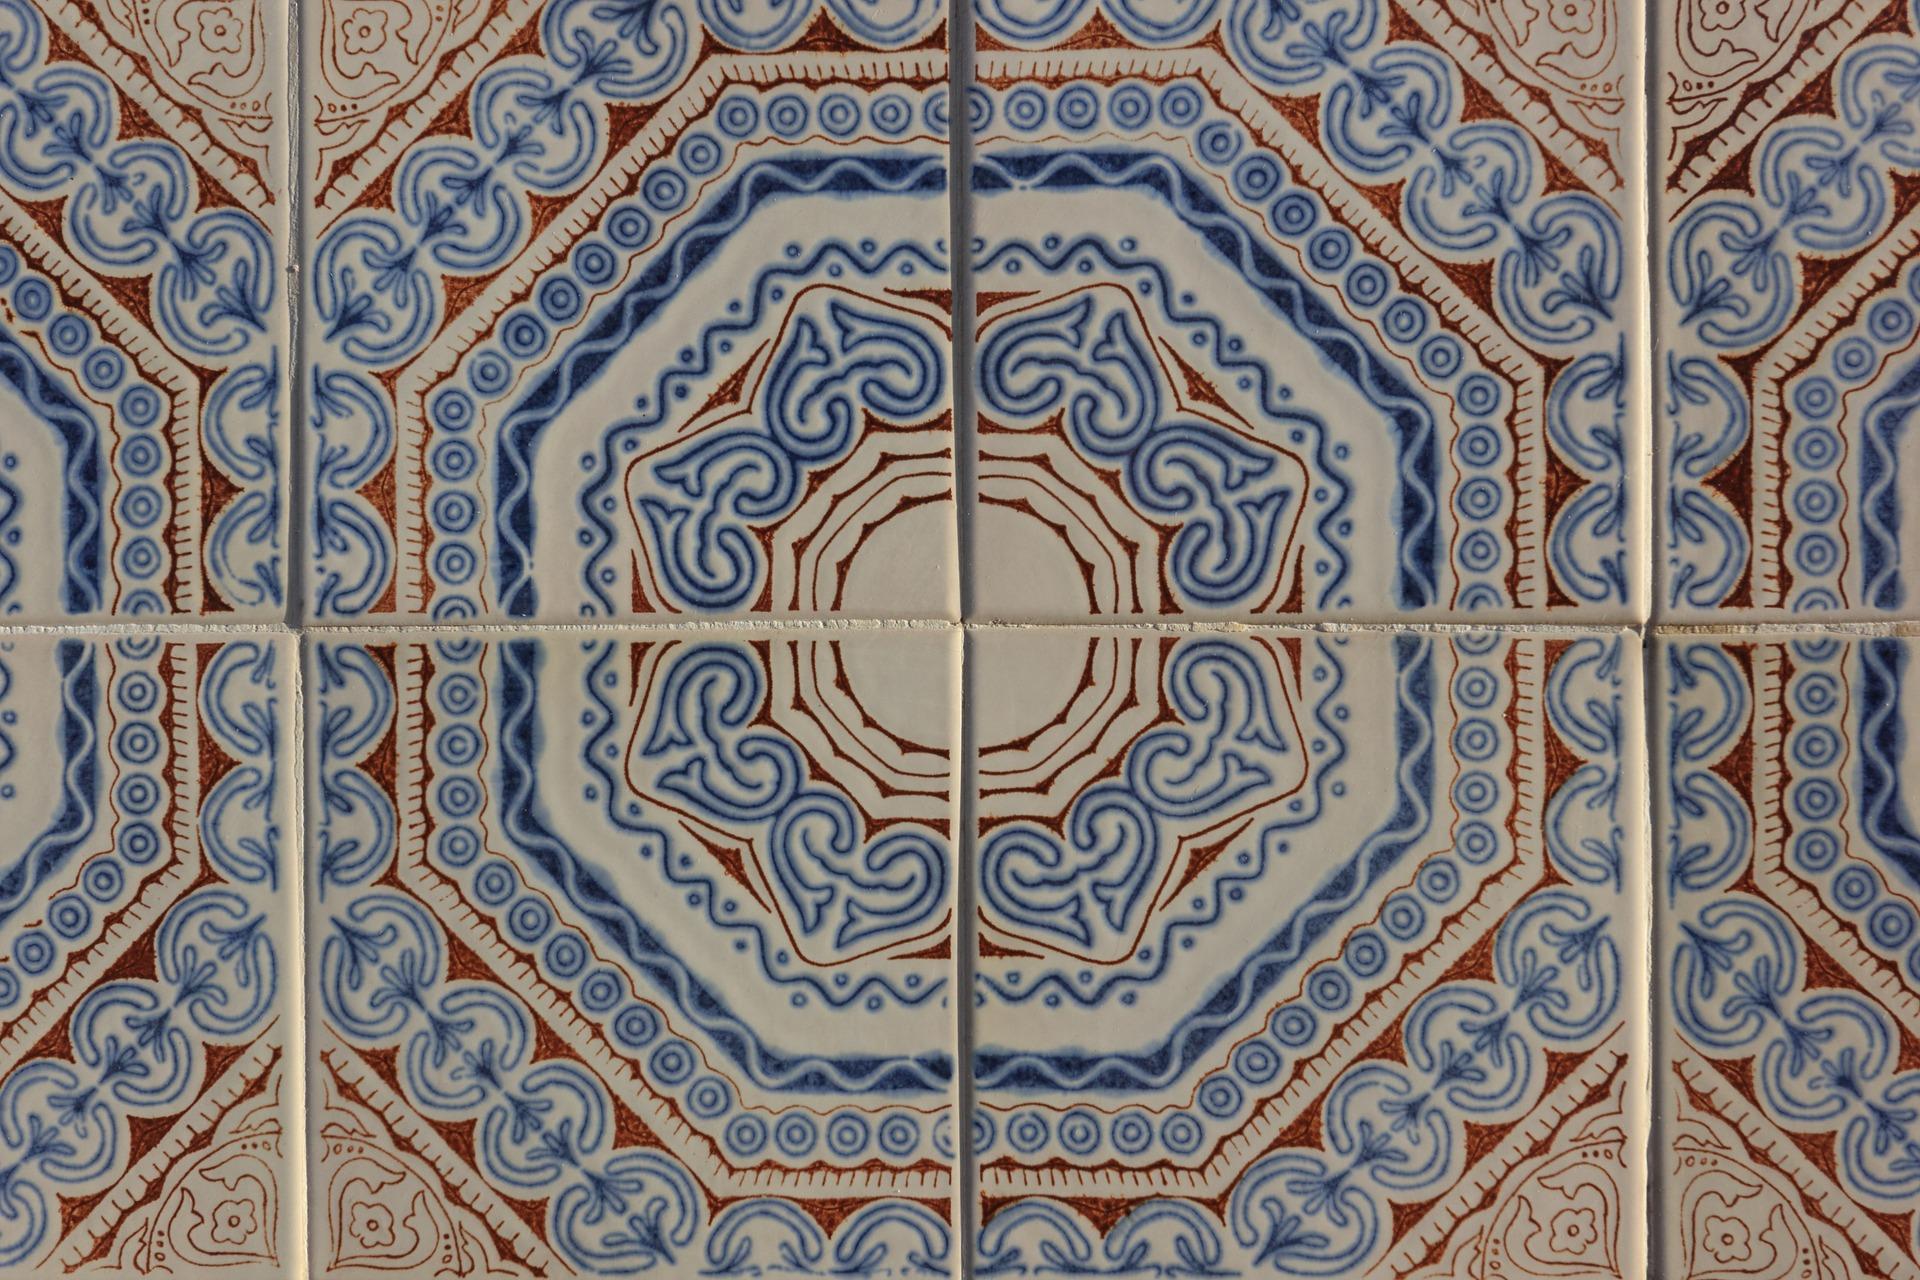 Pintar azulejos empresa de pintura profesional - Pinturas para pintar azulejos ...